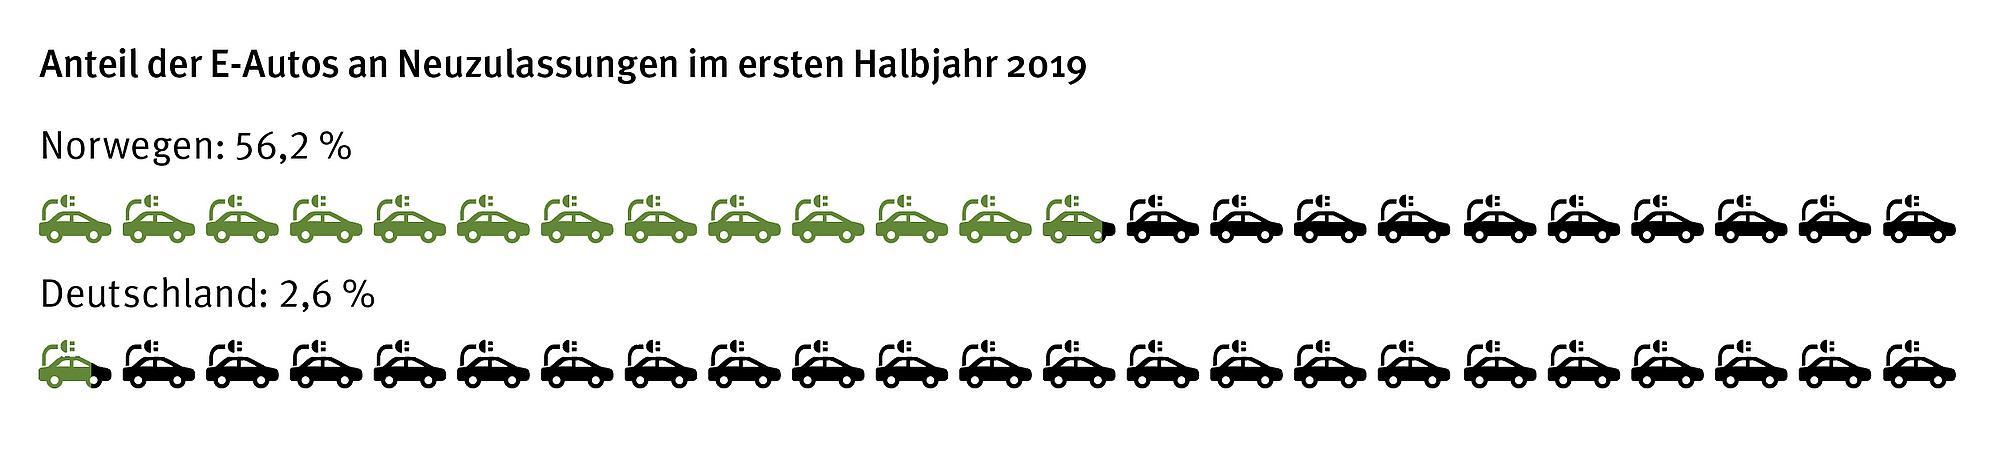 Grafik Anteil der E-Autos an Neuzulassungen im ersten Halbjahr 2019. Vergleich Deutschland und Norwegen.